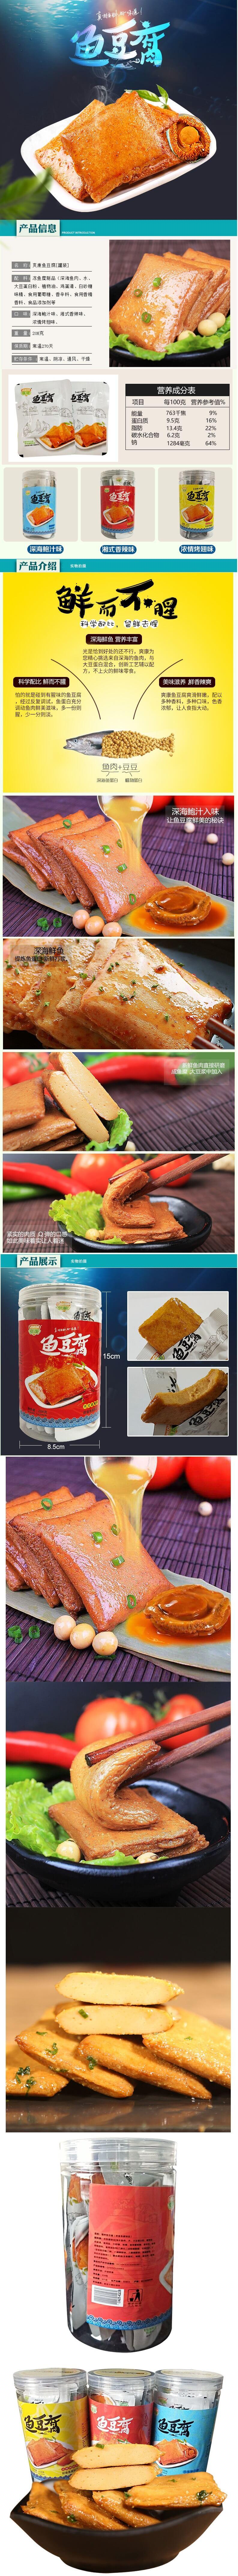 温州特产  爽康鲍汁鱼豆腐深海鱼糜豆腐鱼板烧香辣味豆腐干208g/罐